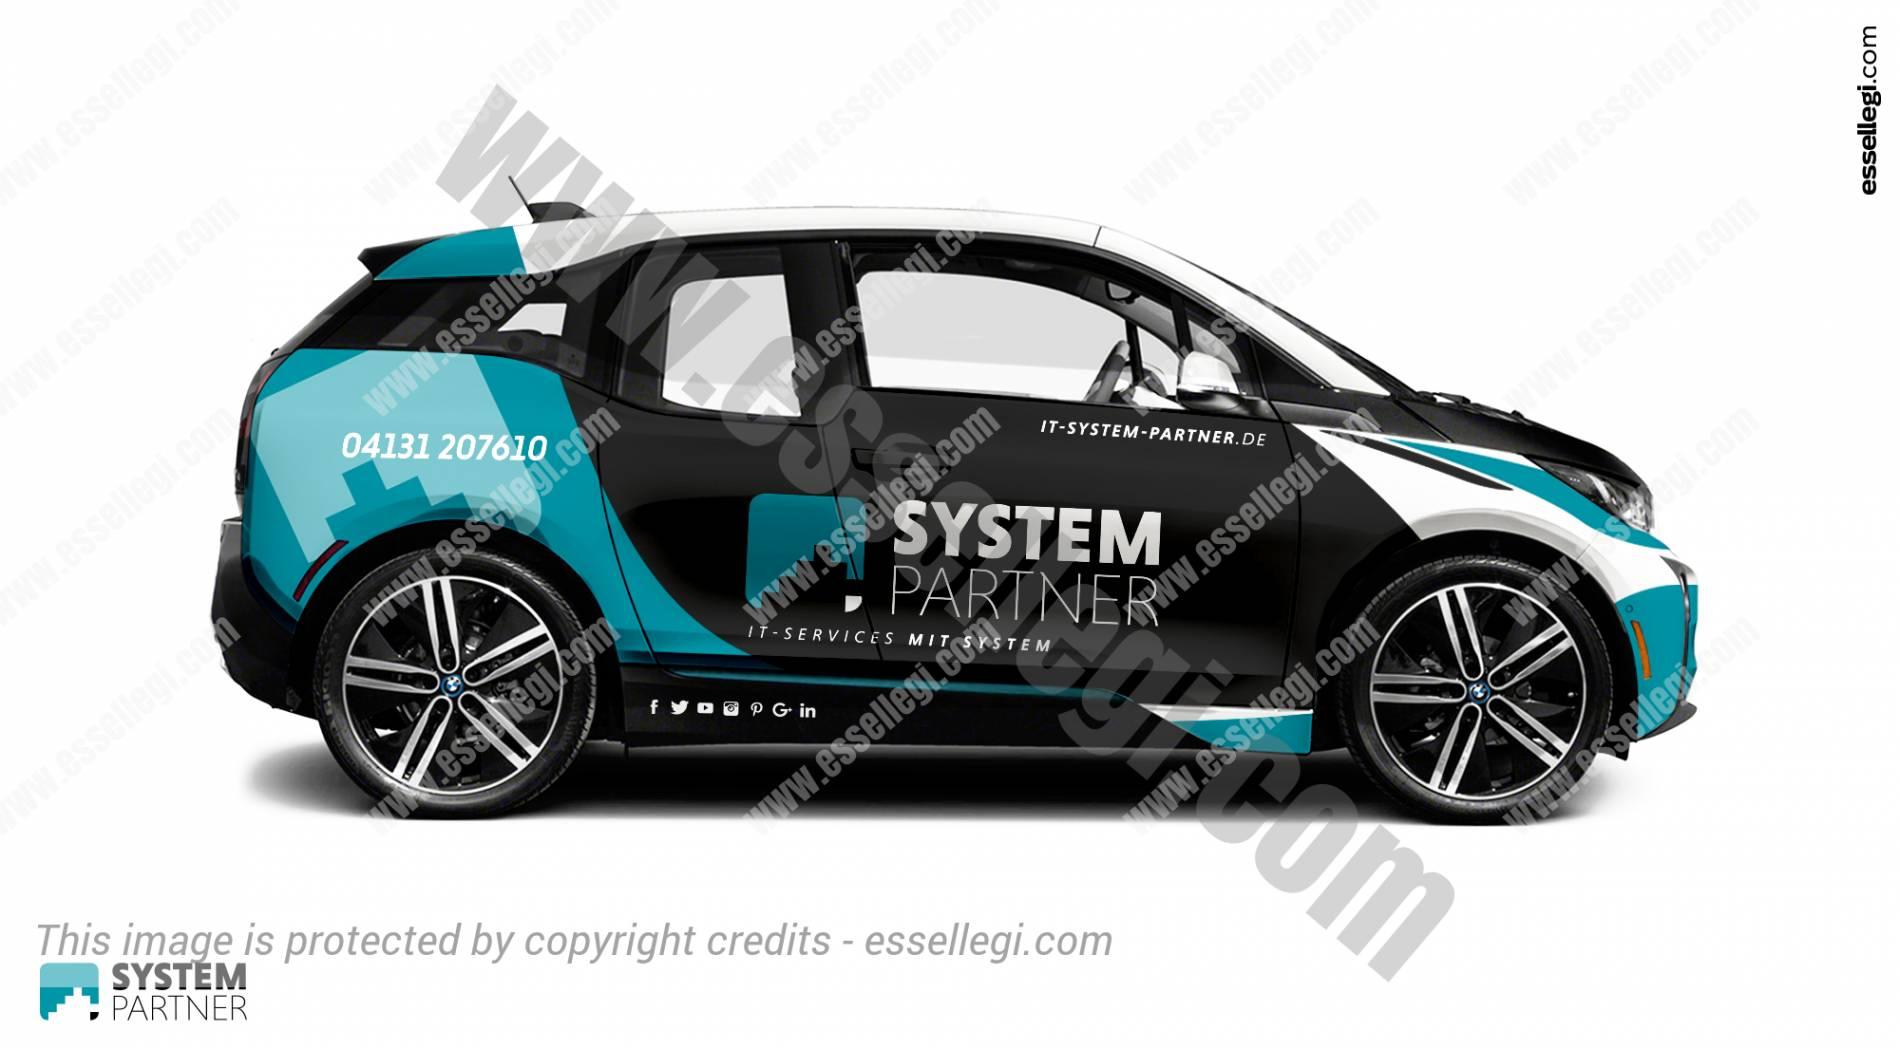 BMW i3 | Car Wrap Design by Essellegi. Car Signs, Car Signage, Car Signwriting, Car Wrap Designer, Car Graphic, Custom Vehicle Signage, Car Wrap Design by Essellegi.